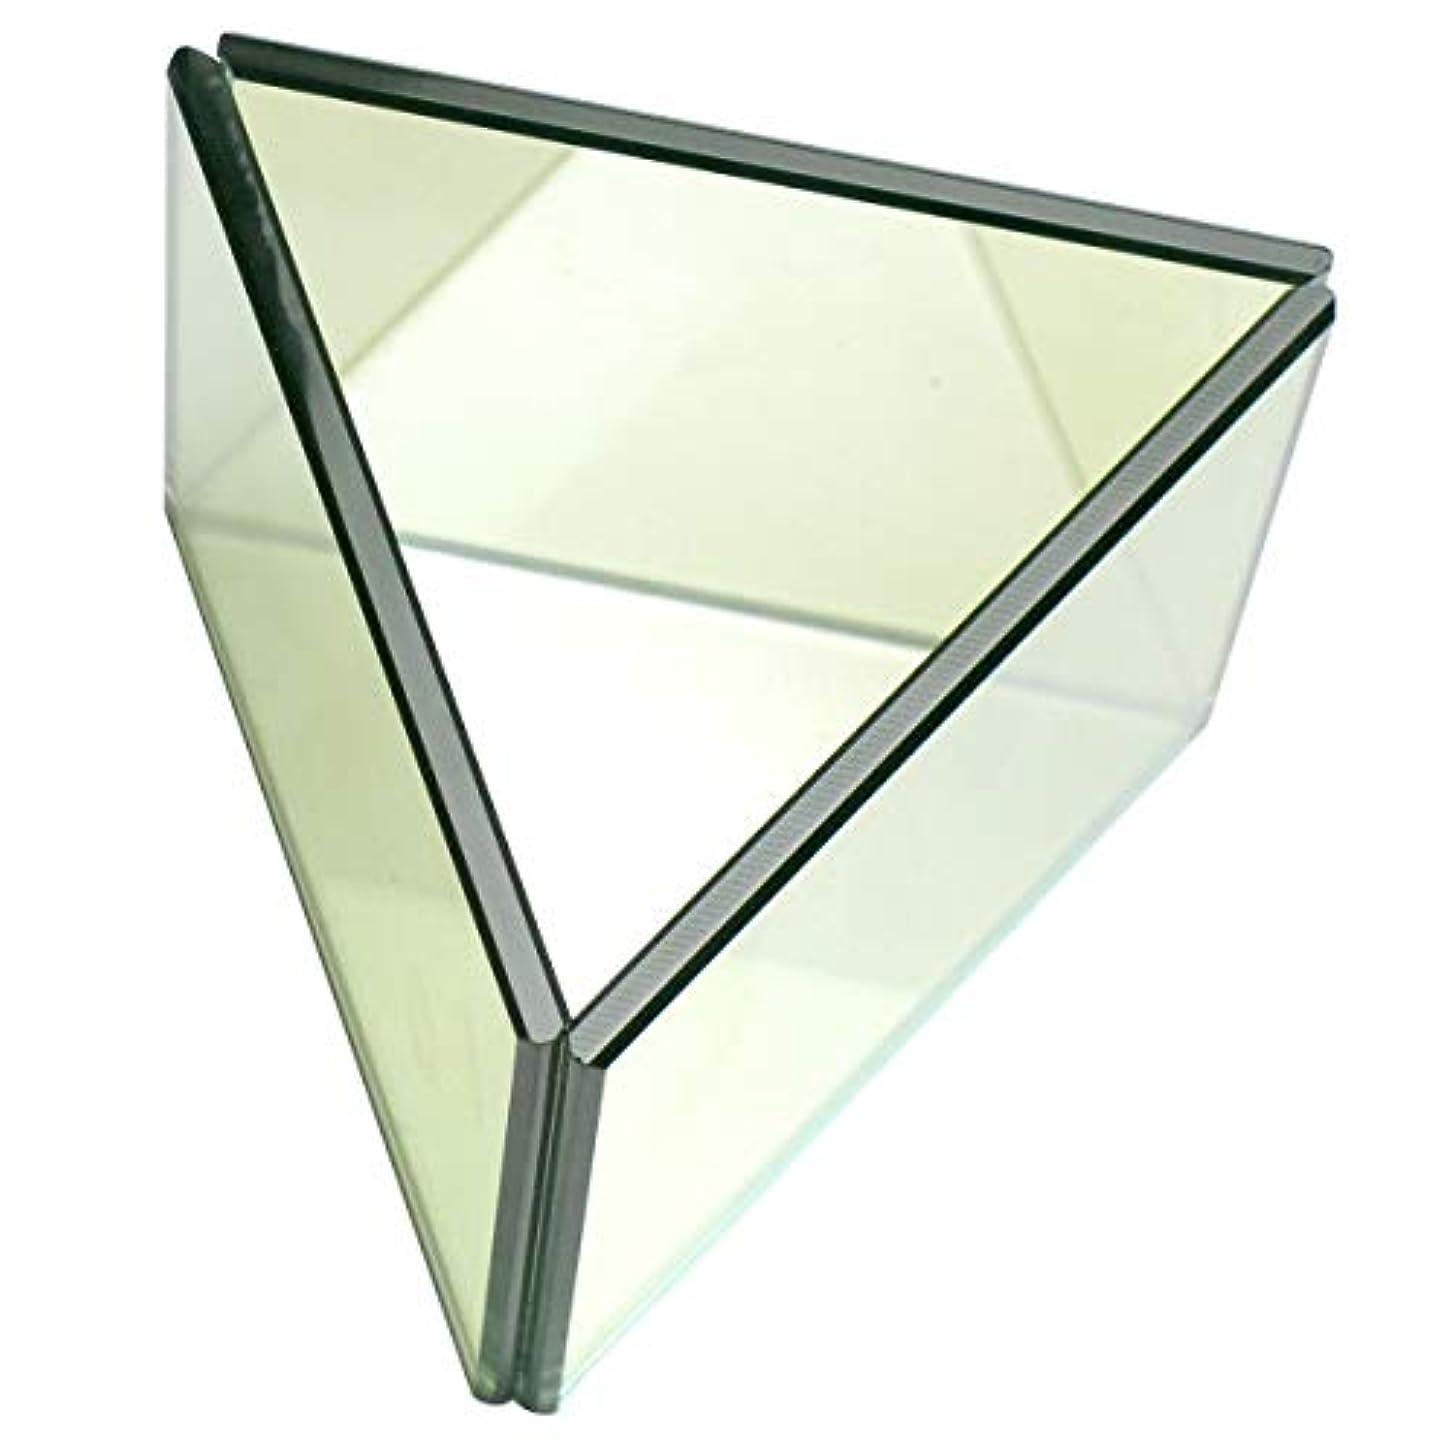 組み立てる渦メイド無限連鎖キャンドルホルダー トライアングル ガラス キャンドルスタンド ランタン 誕生日 ティーライトキャンドル